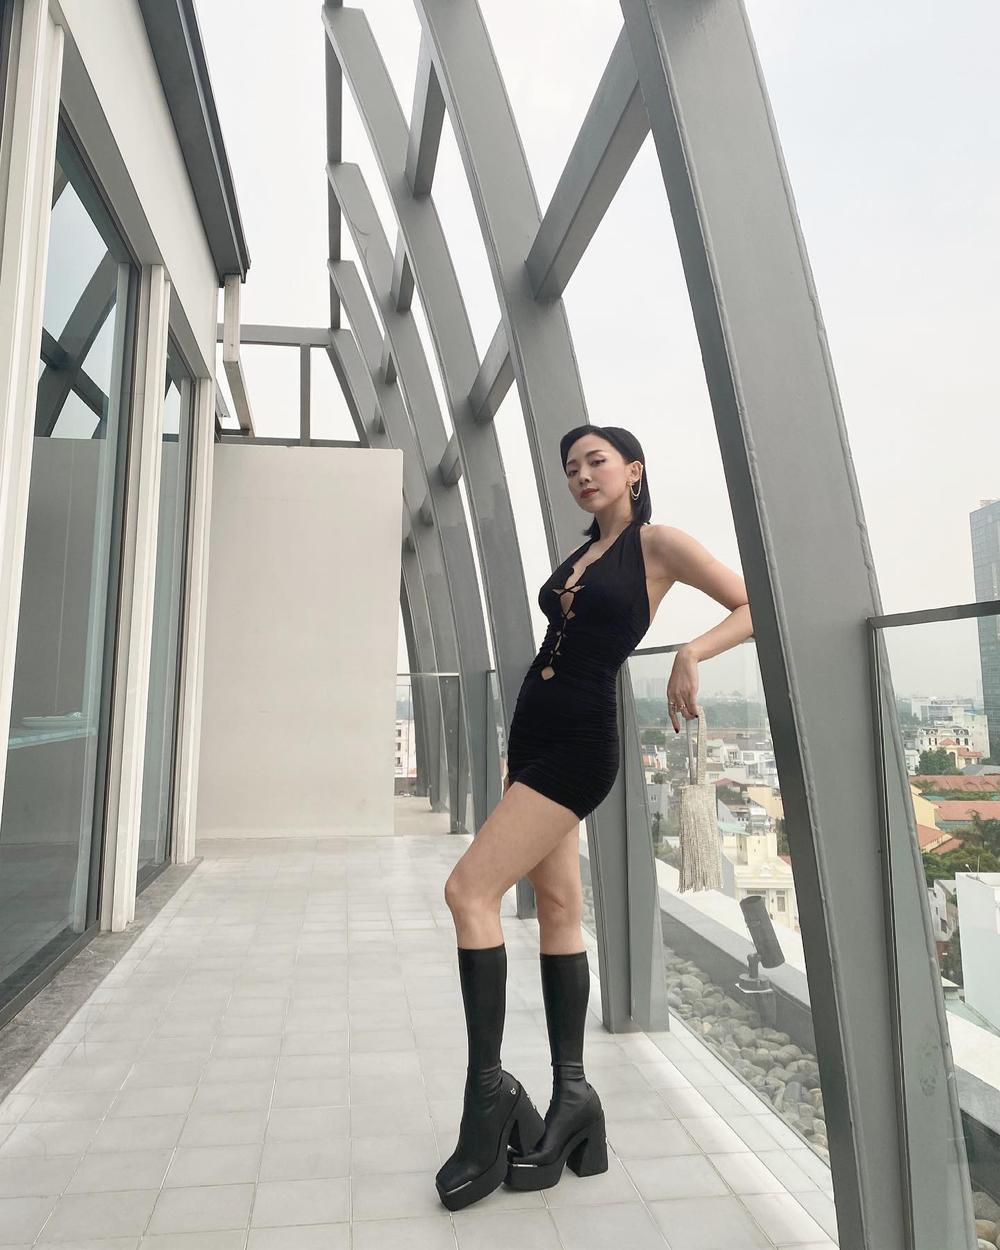 Tóc Tiên khoe khéo vóc dáng trong mơ với bodysuit đan dây chéo ngực Ảnh 4